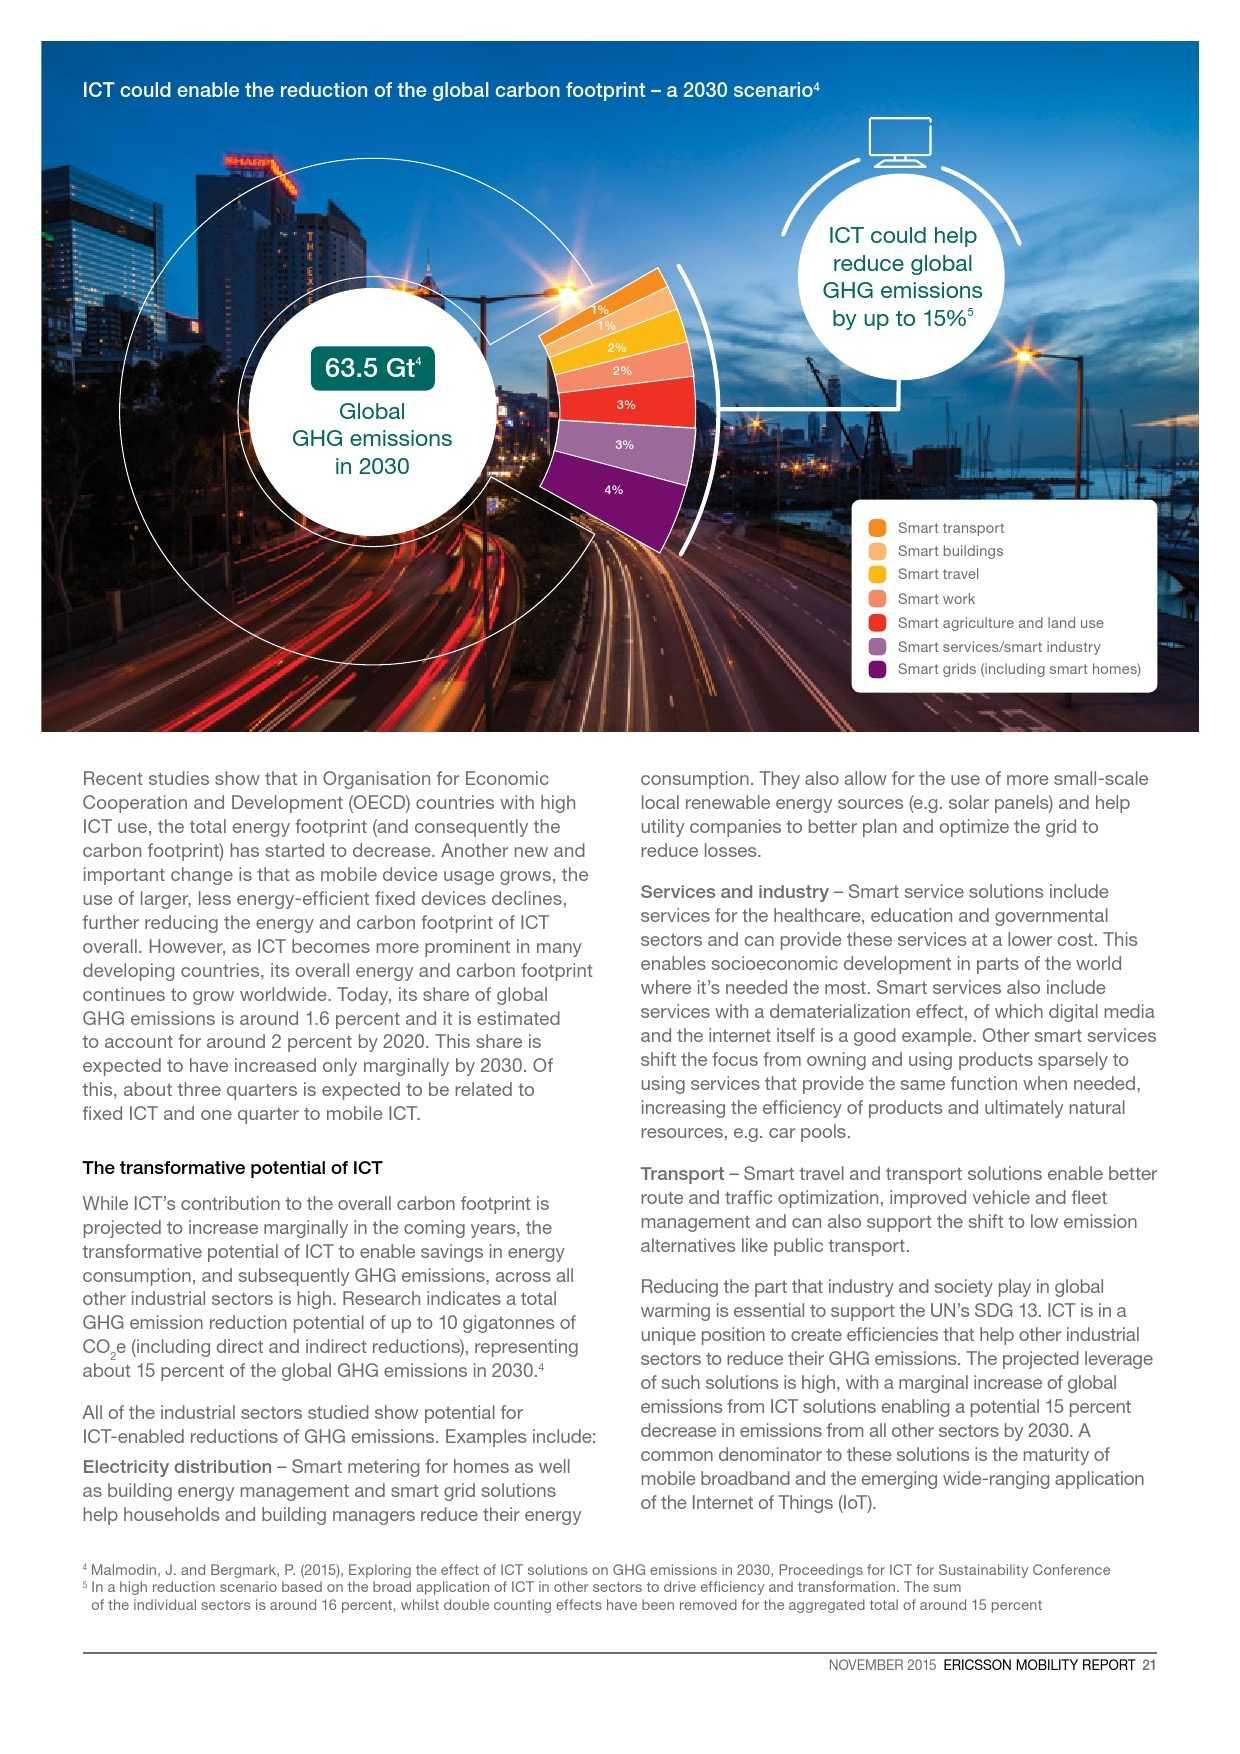 爱立信:2015年移动市场报告_000021